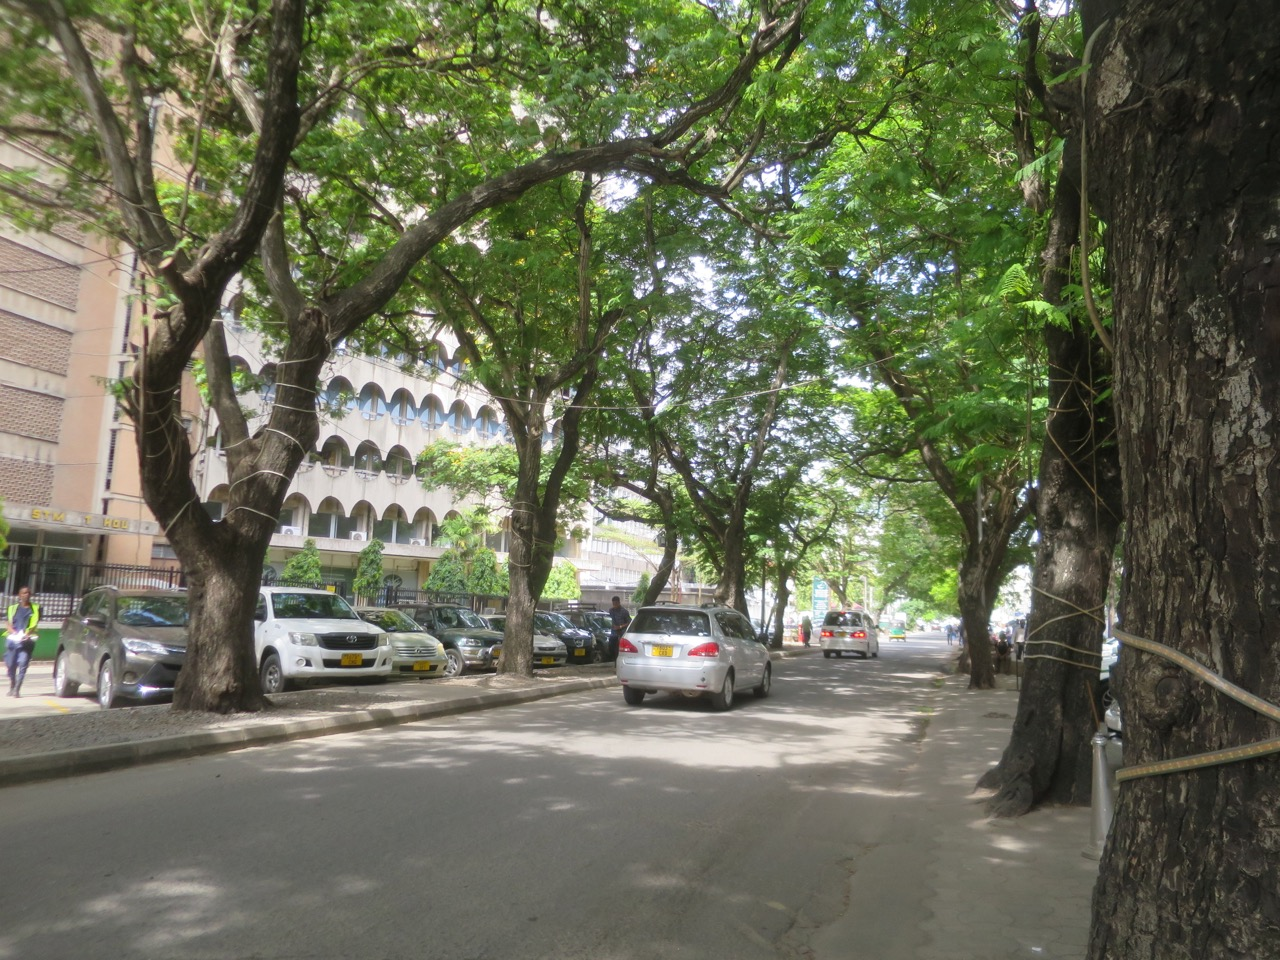 Dar es Salaam 1 12